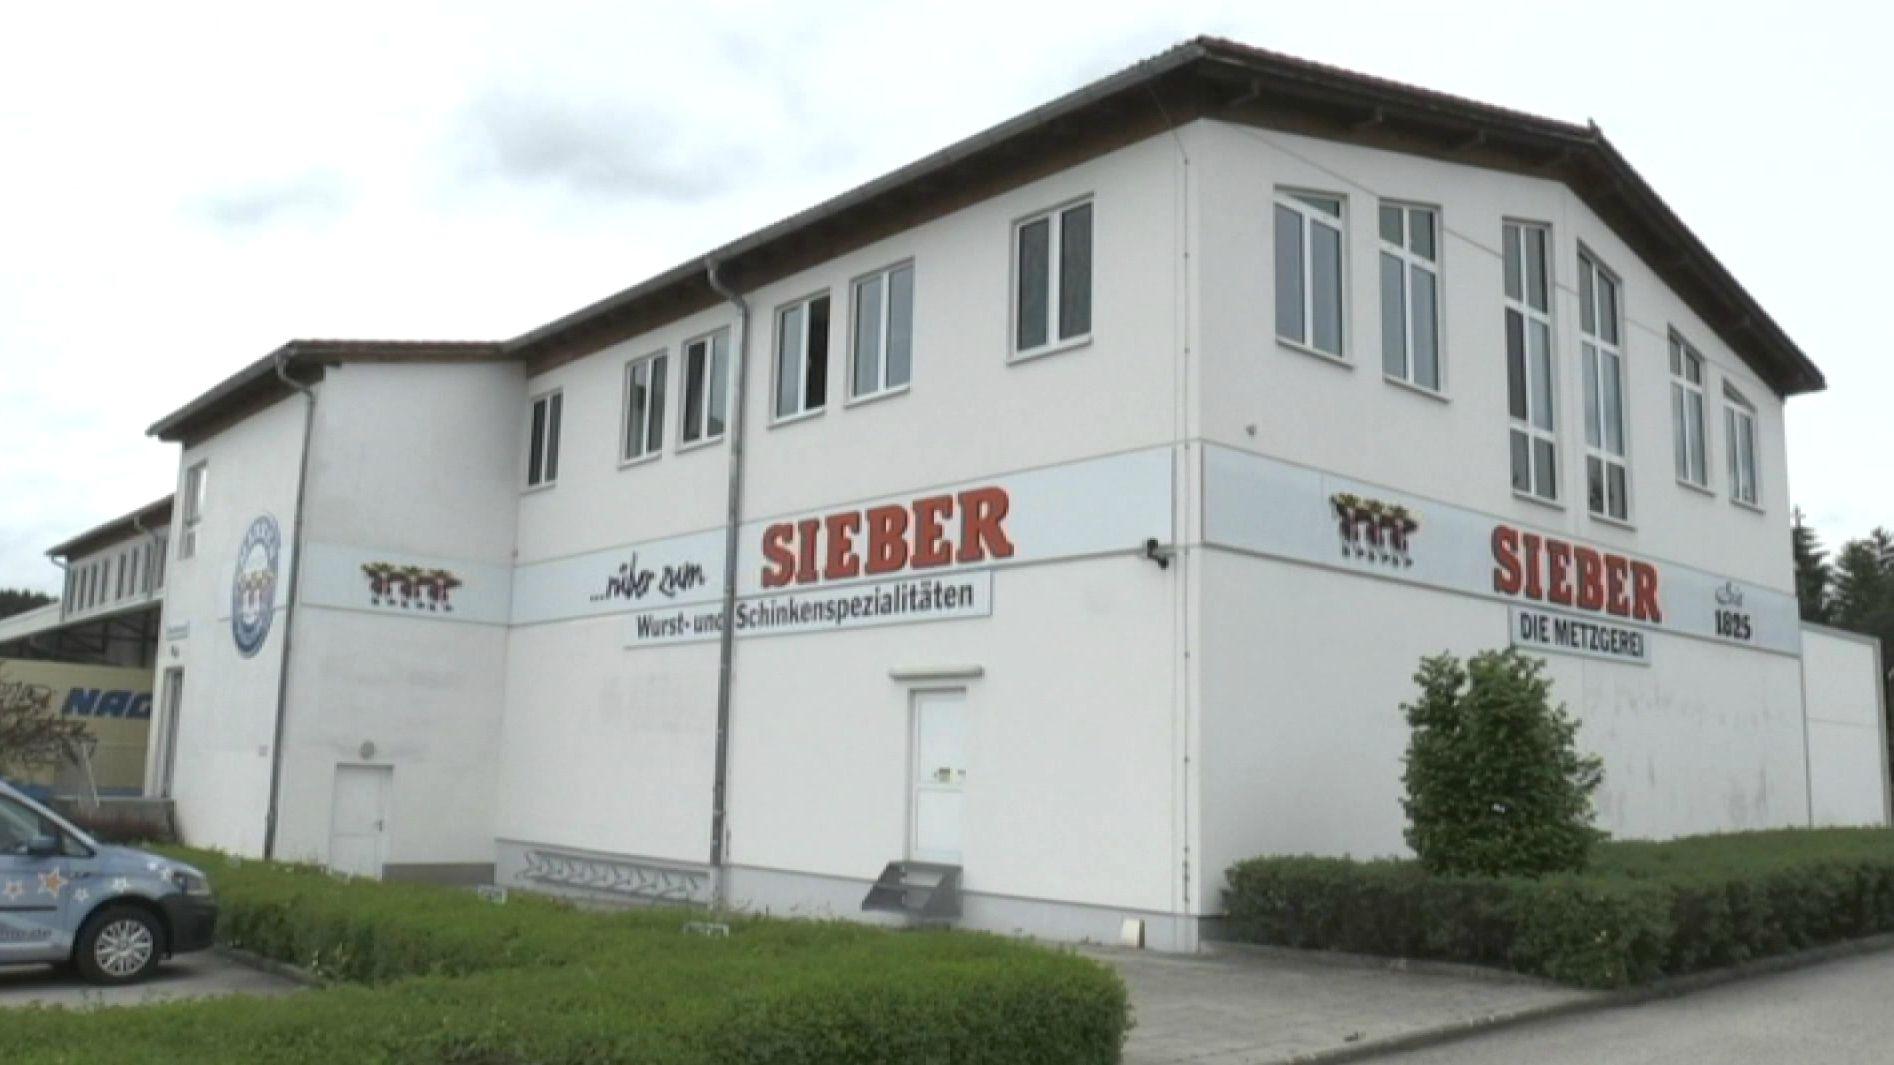 Metzgerei Sieber in Geretsried.